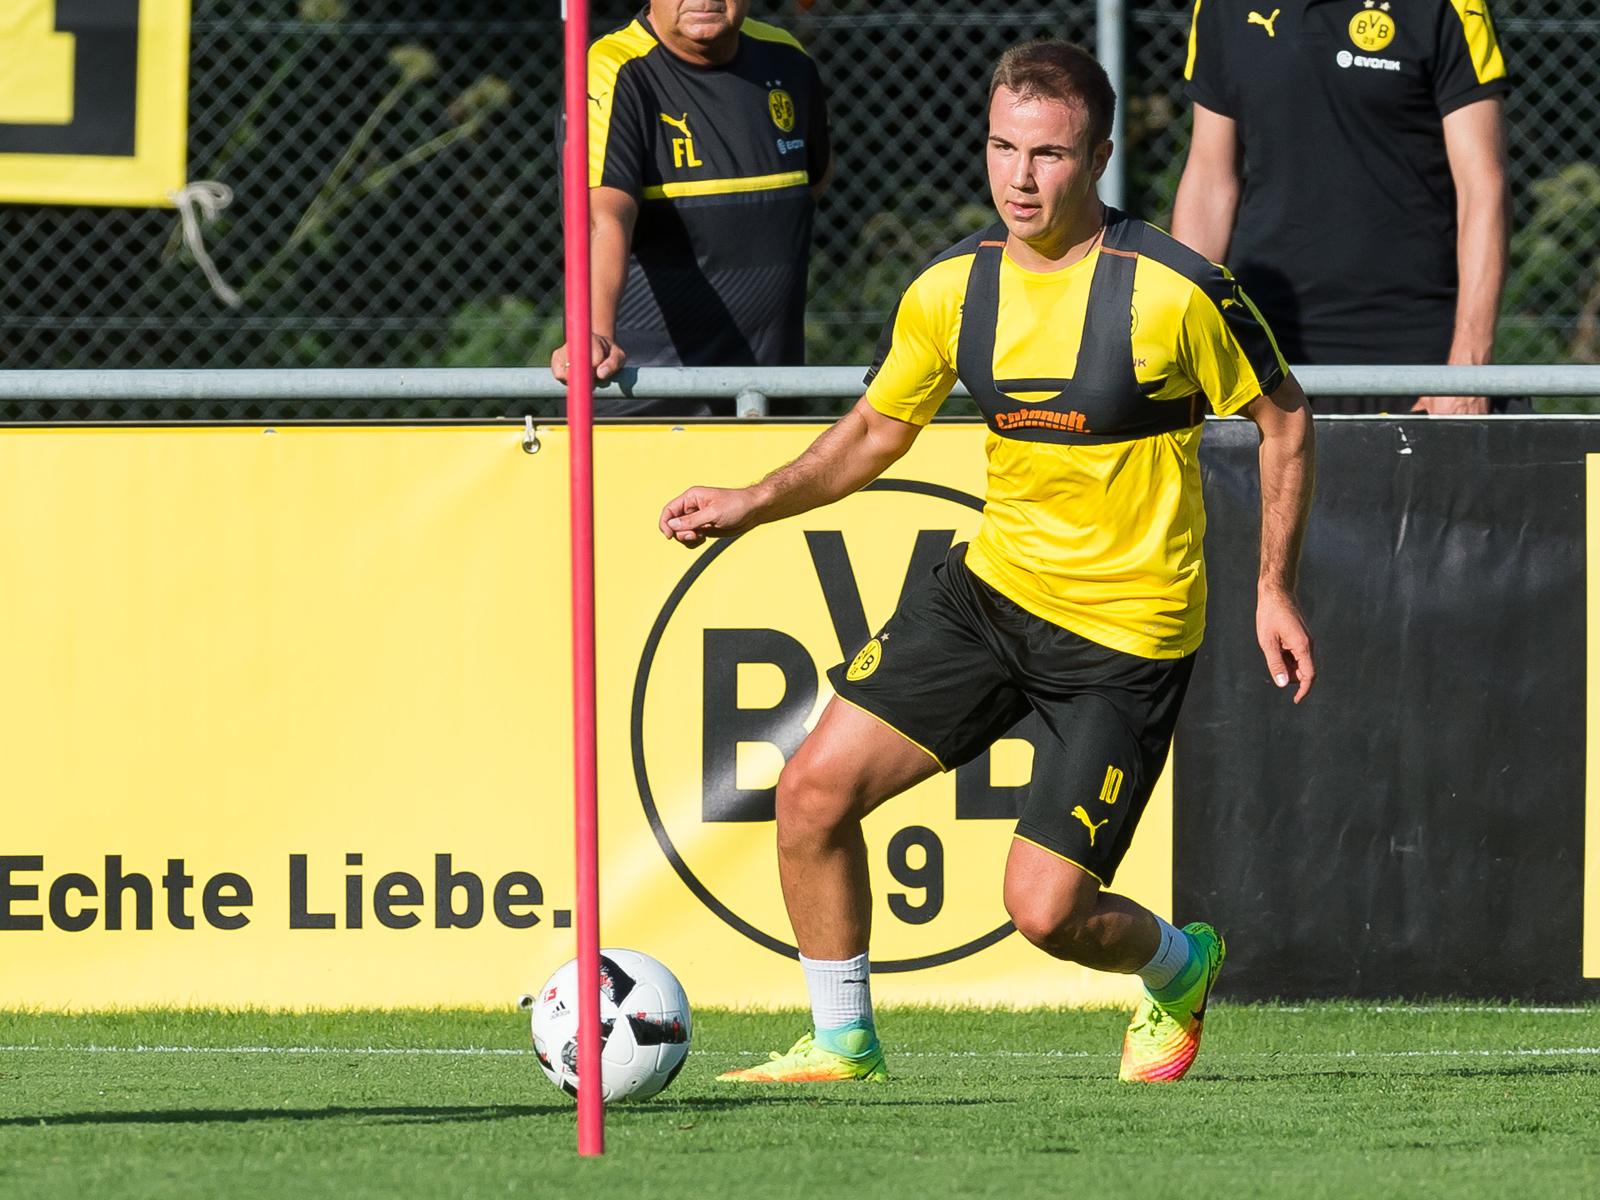 ff1acbf28e46d9 Götze erklärt sein Hin und Her zwischen Dortmund und Bayern